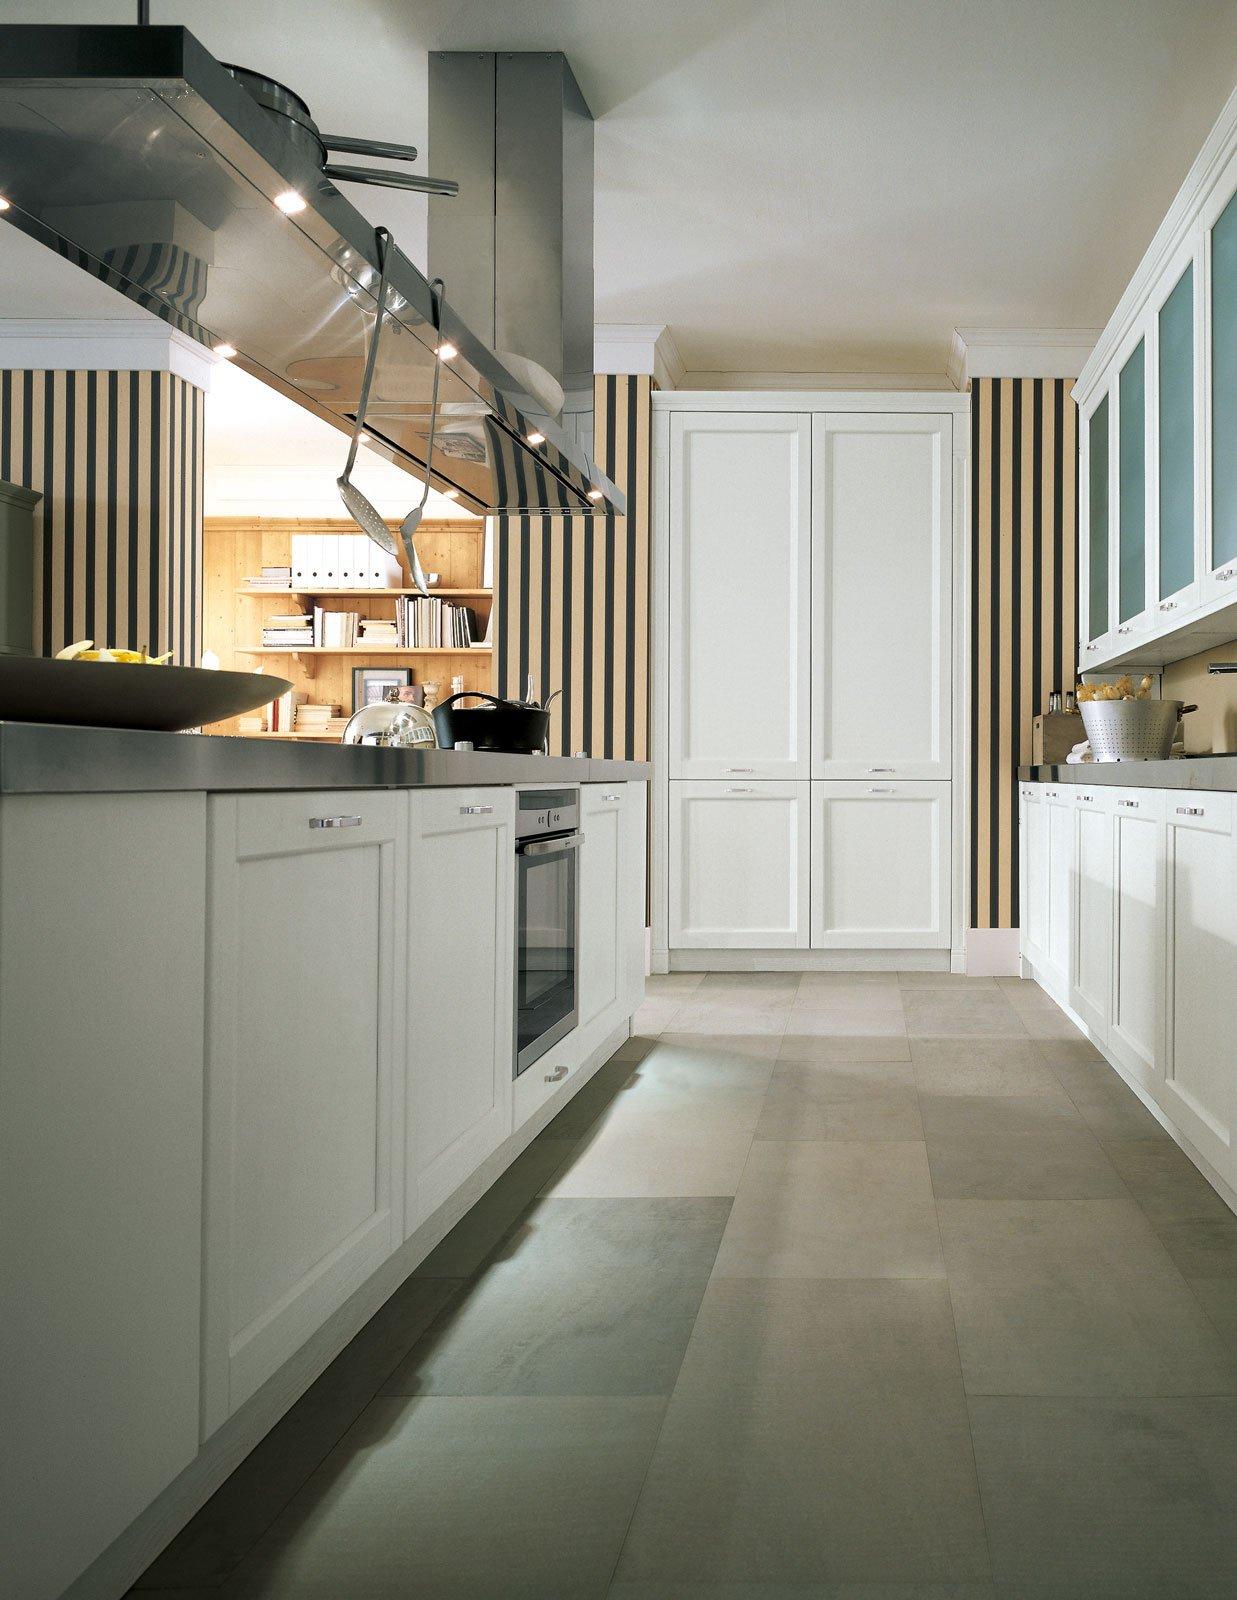 Vernici atossiche per i mobili della cucina cose di casa - Vernici lavabili per cucina ...